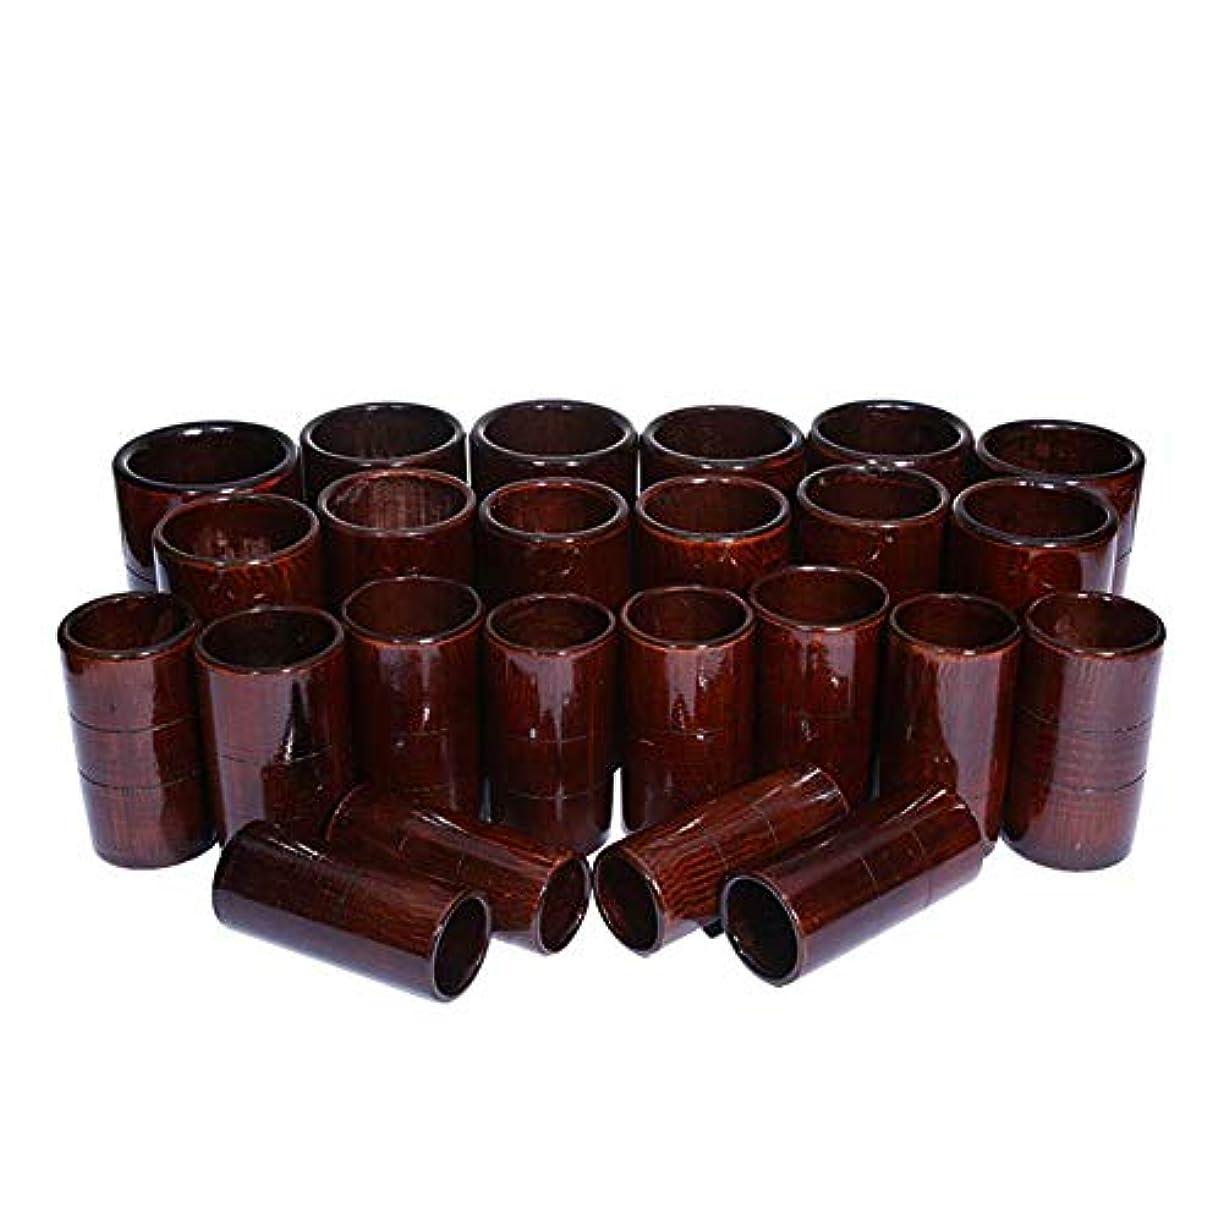 竹鍼治療セット - 炭缶ボディ医療吸引セット - カッピングマッサージバキュームカップ,D24pcs